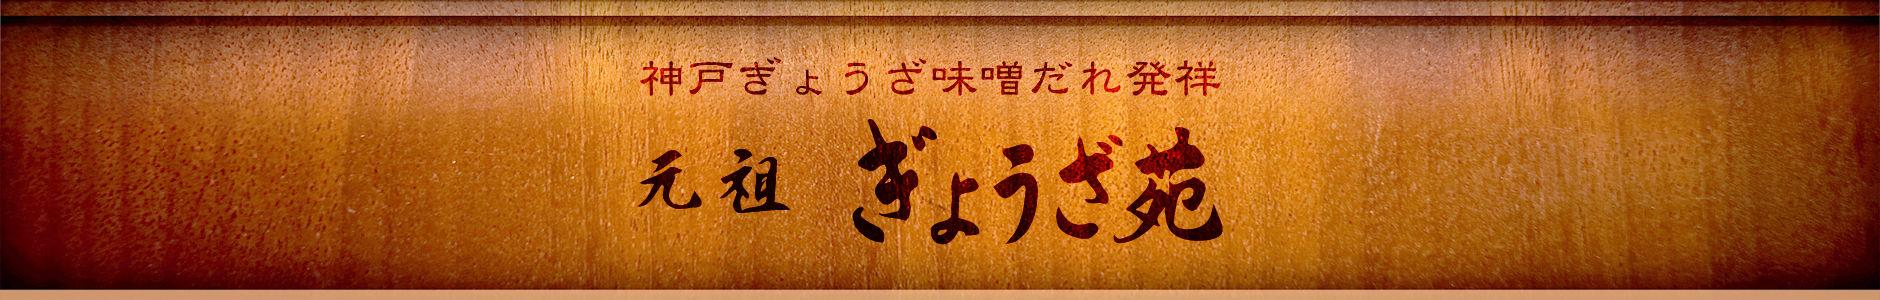 [公式サイト] 元祖ぎょうざ苑 −神戸餃子味噌だれ発祥−